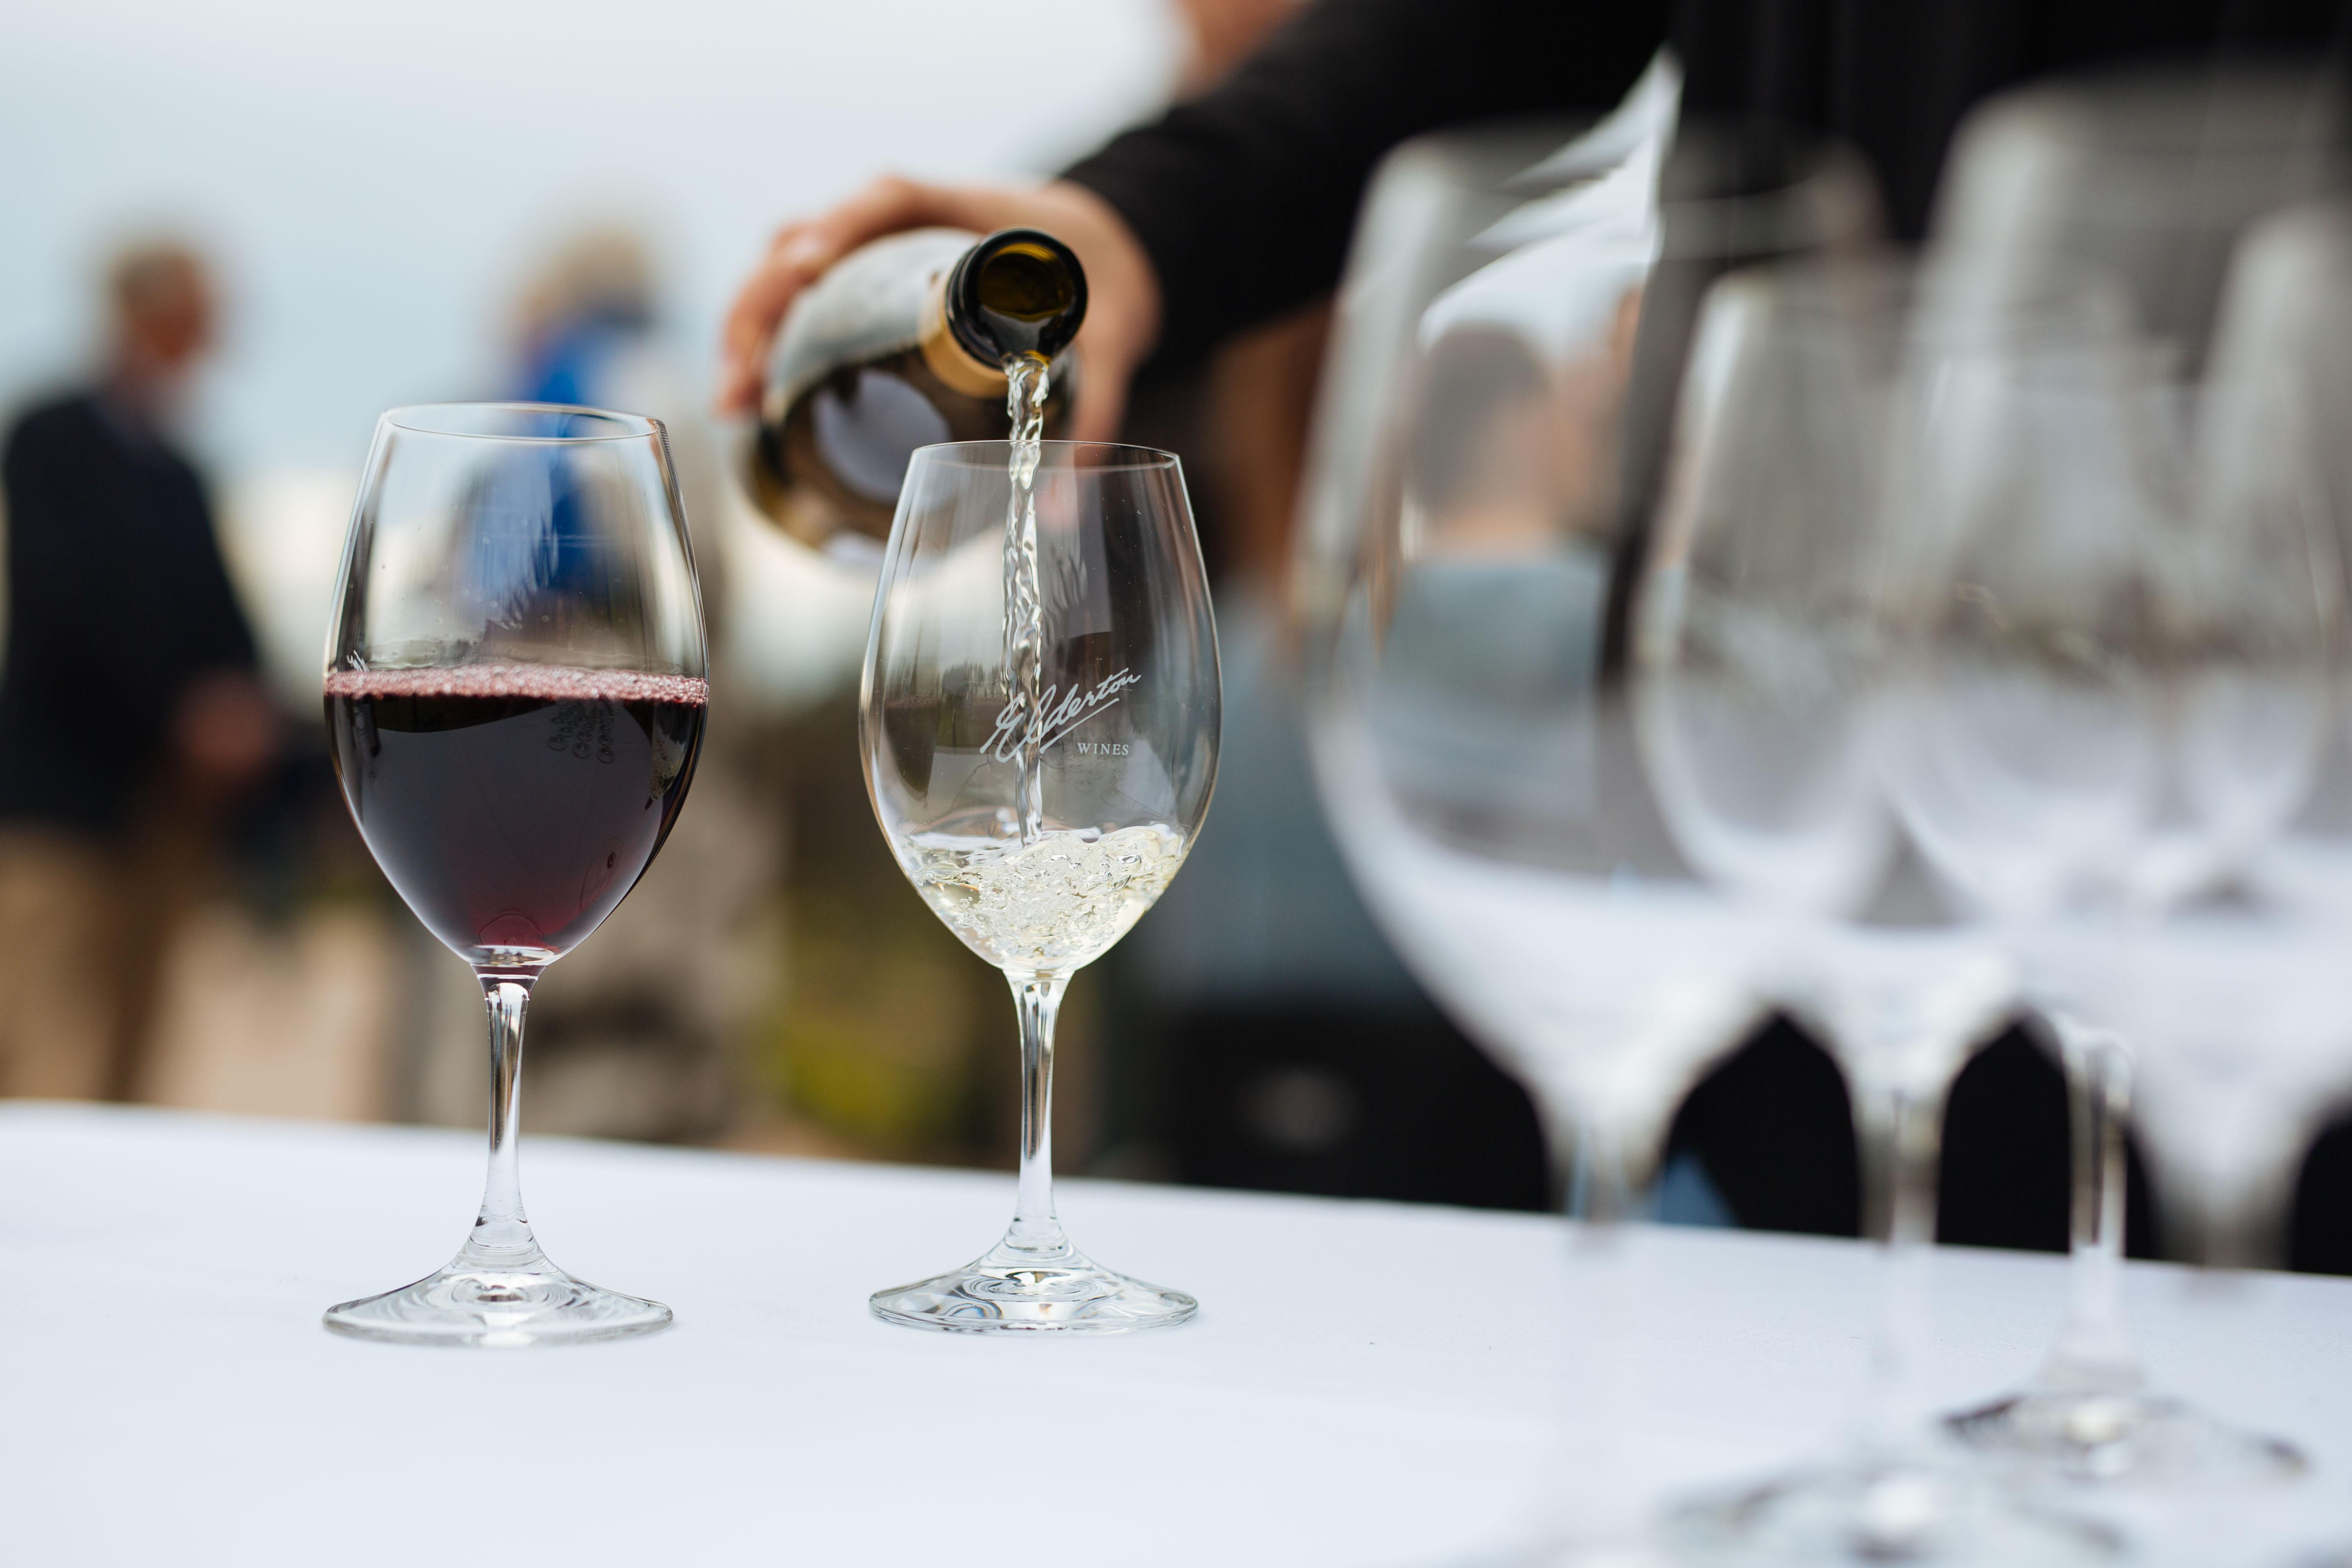 Wine Serving Temperature